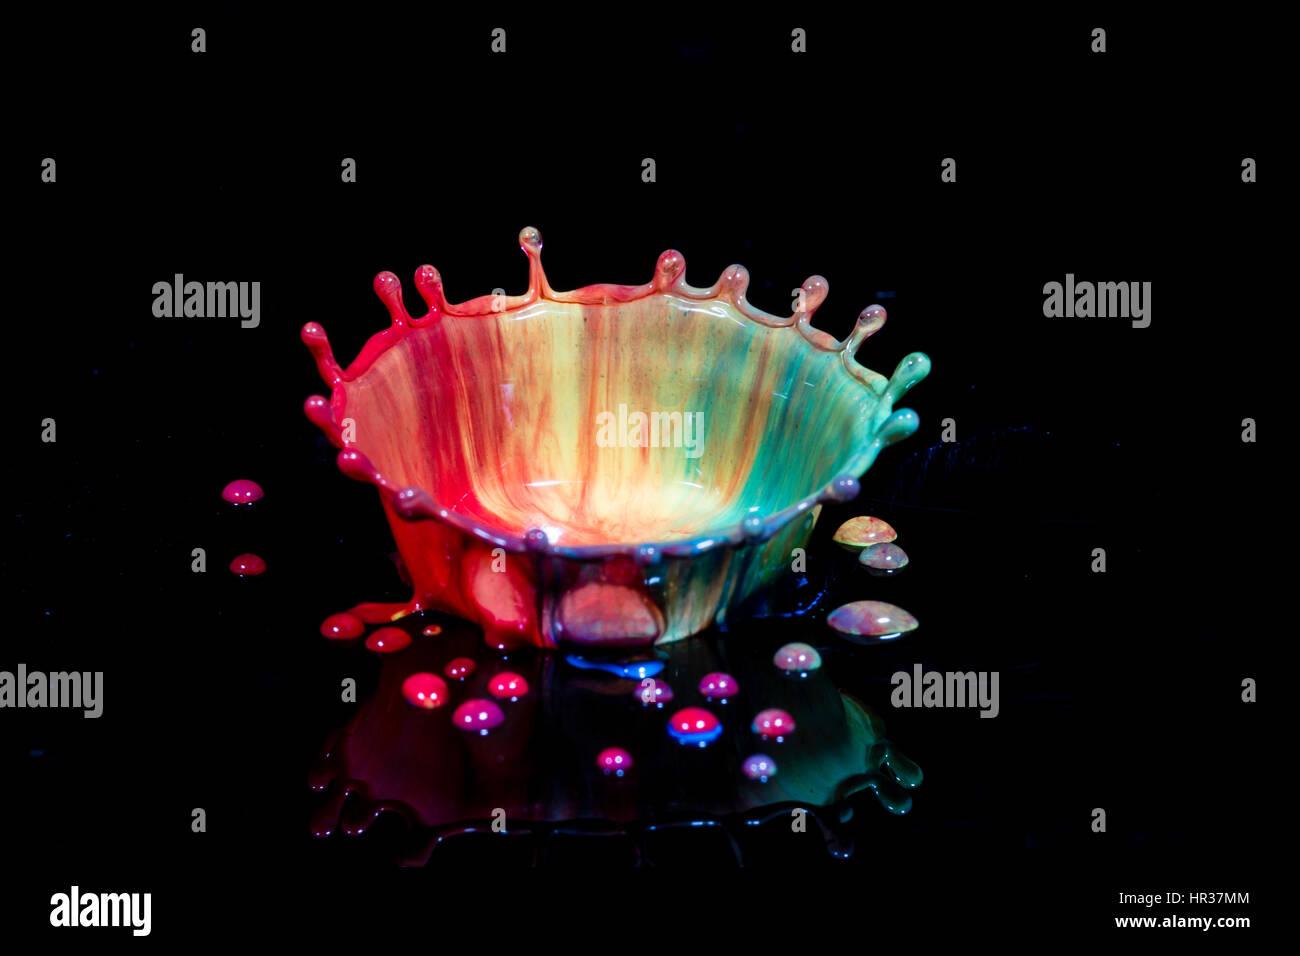 Arte liquido, lo studio di una goccia del liquido a creare forme dalla dinamica dei fluidi Immagini Stock